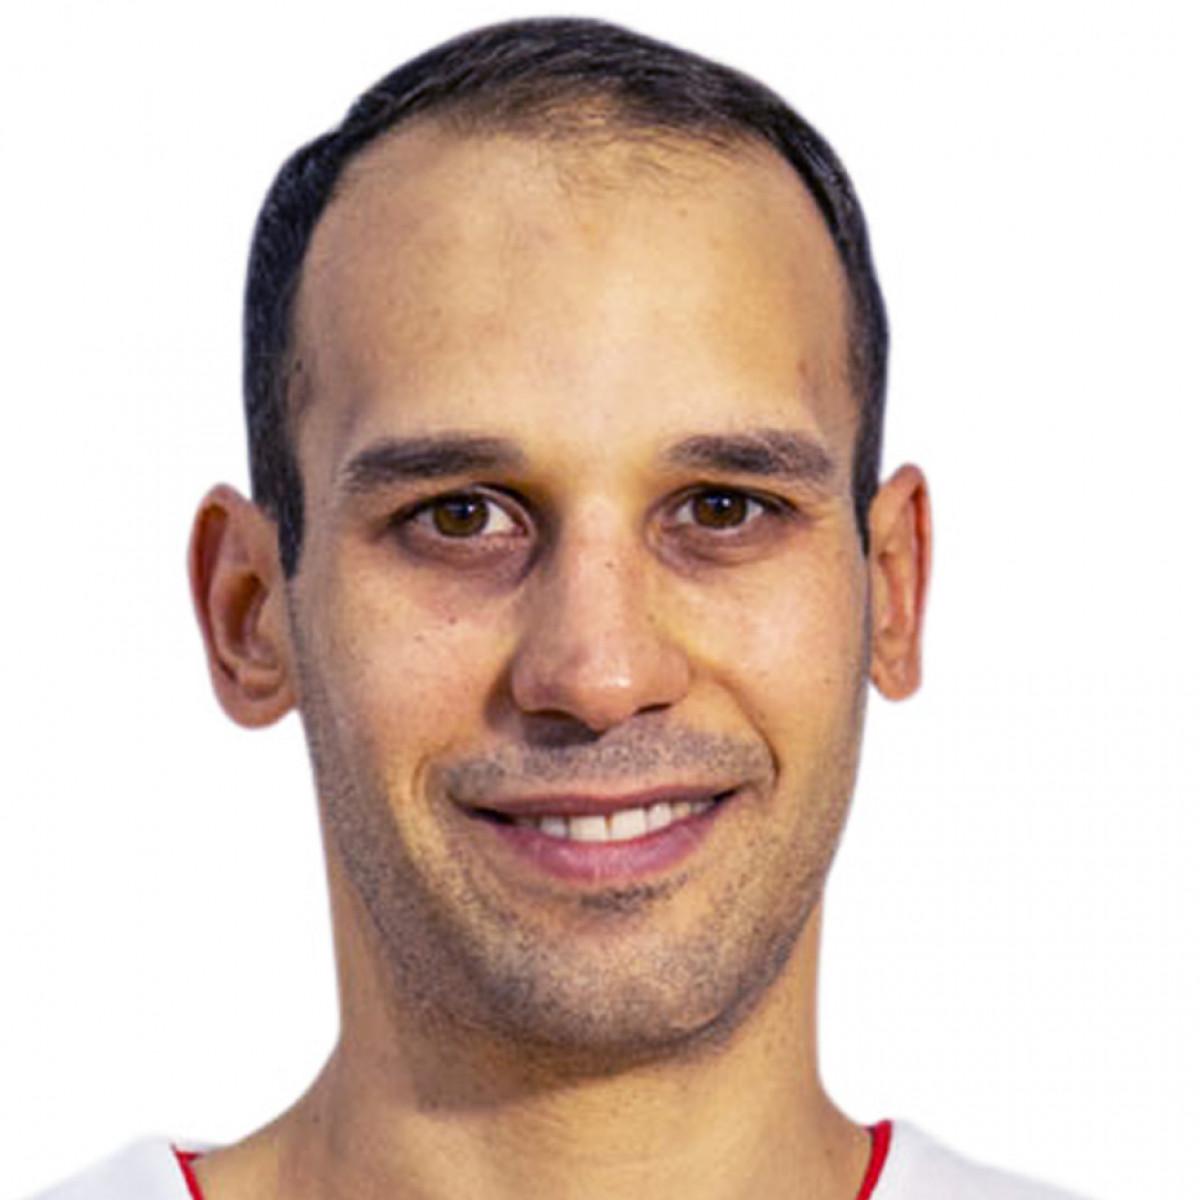 Nicolas Stanic